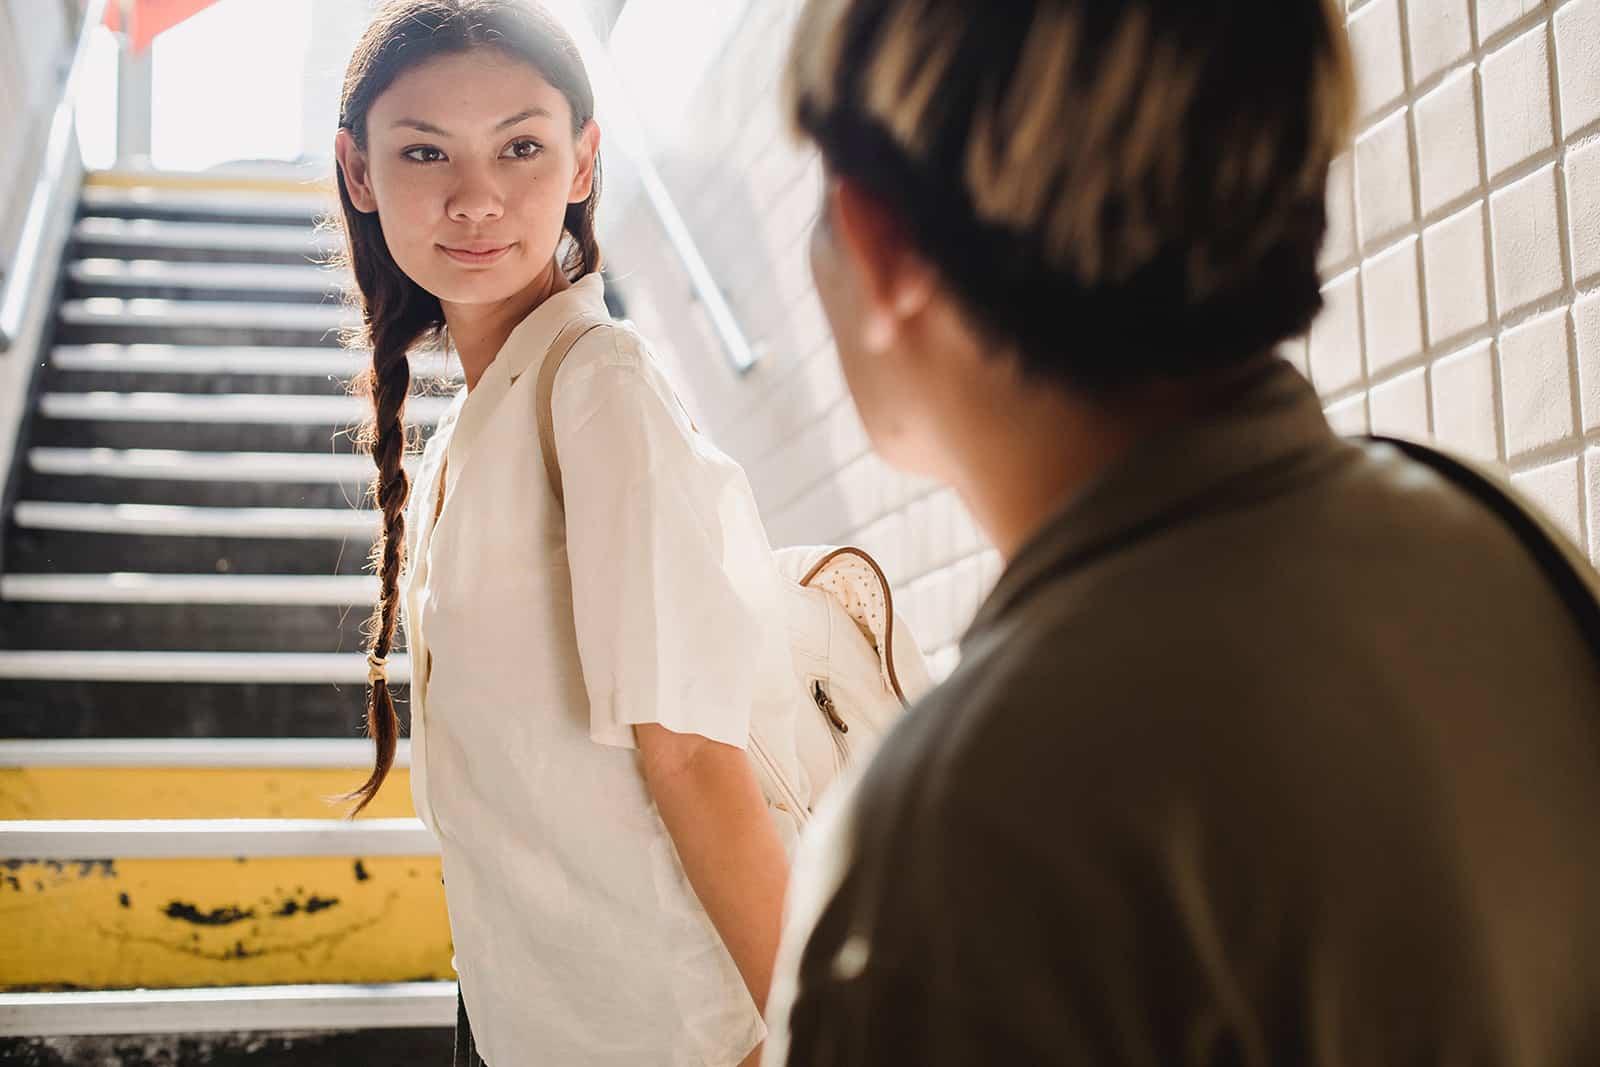 Eine Frau verabschiedet sich von einem Mann, der am Fuß der Treppe steht